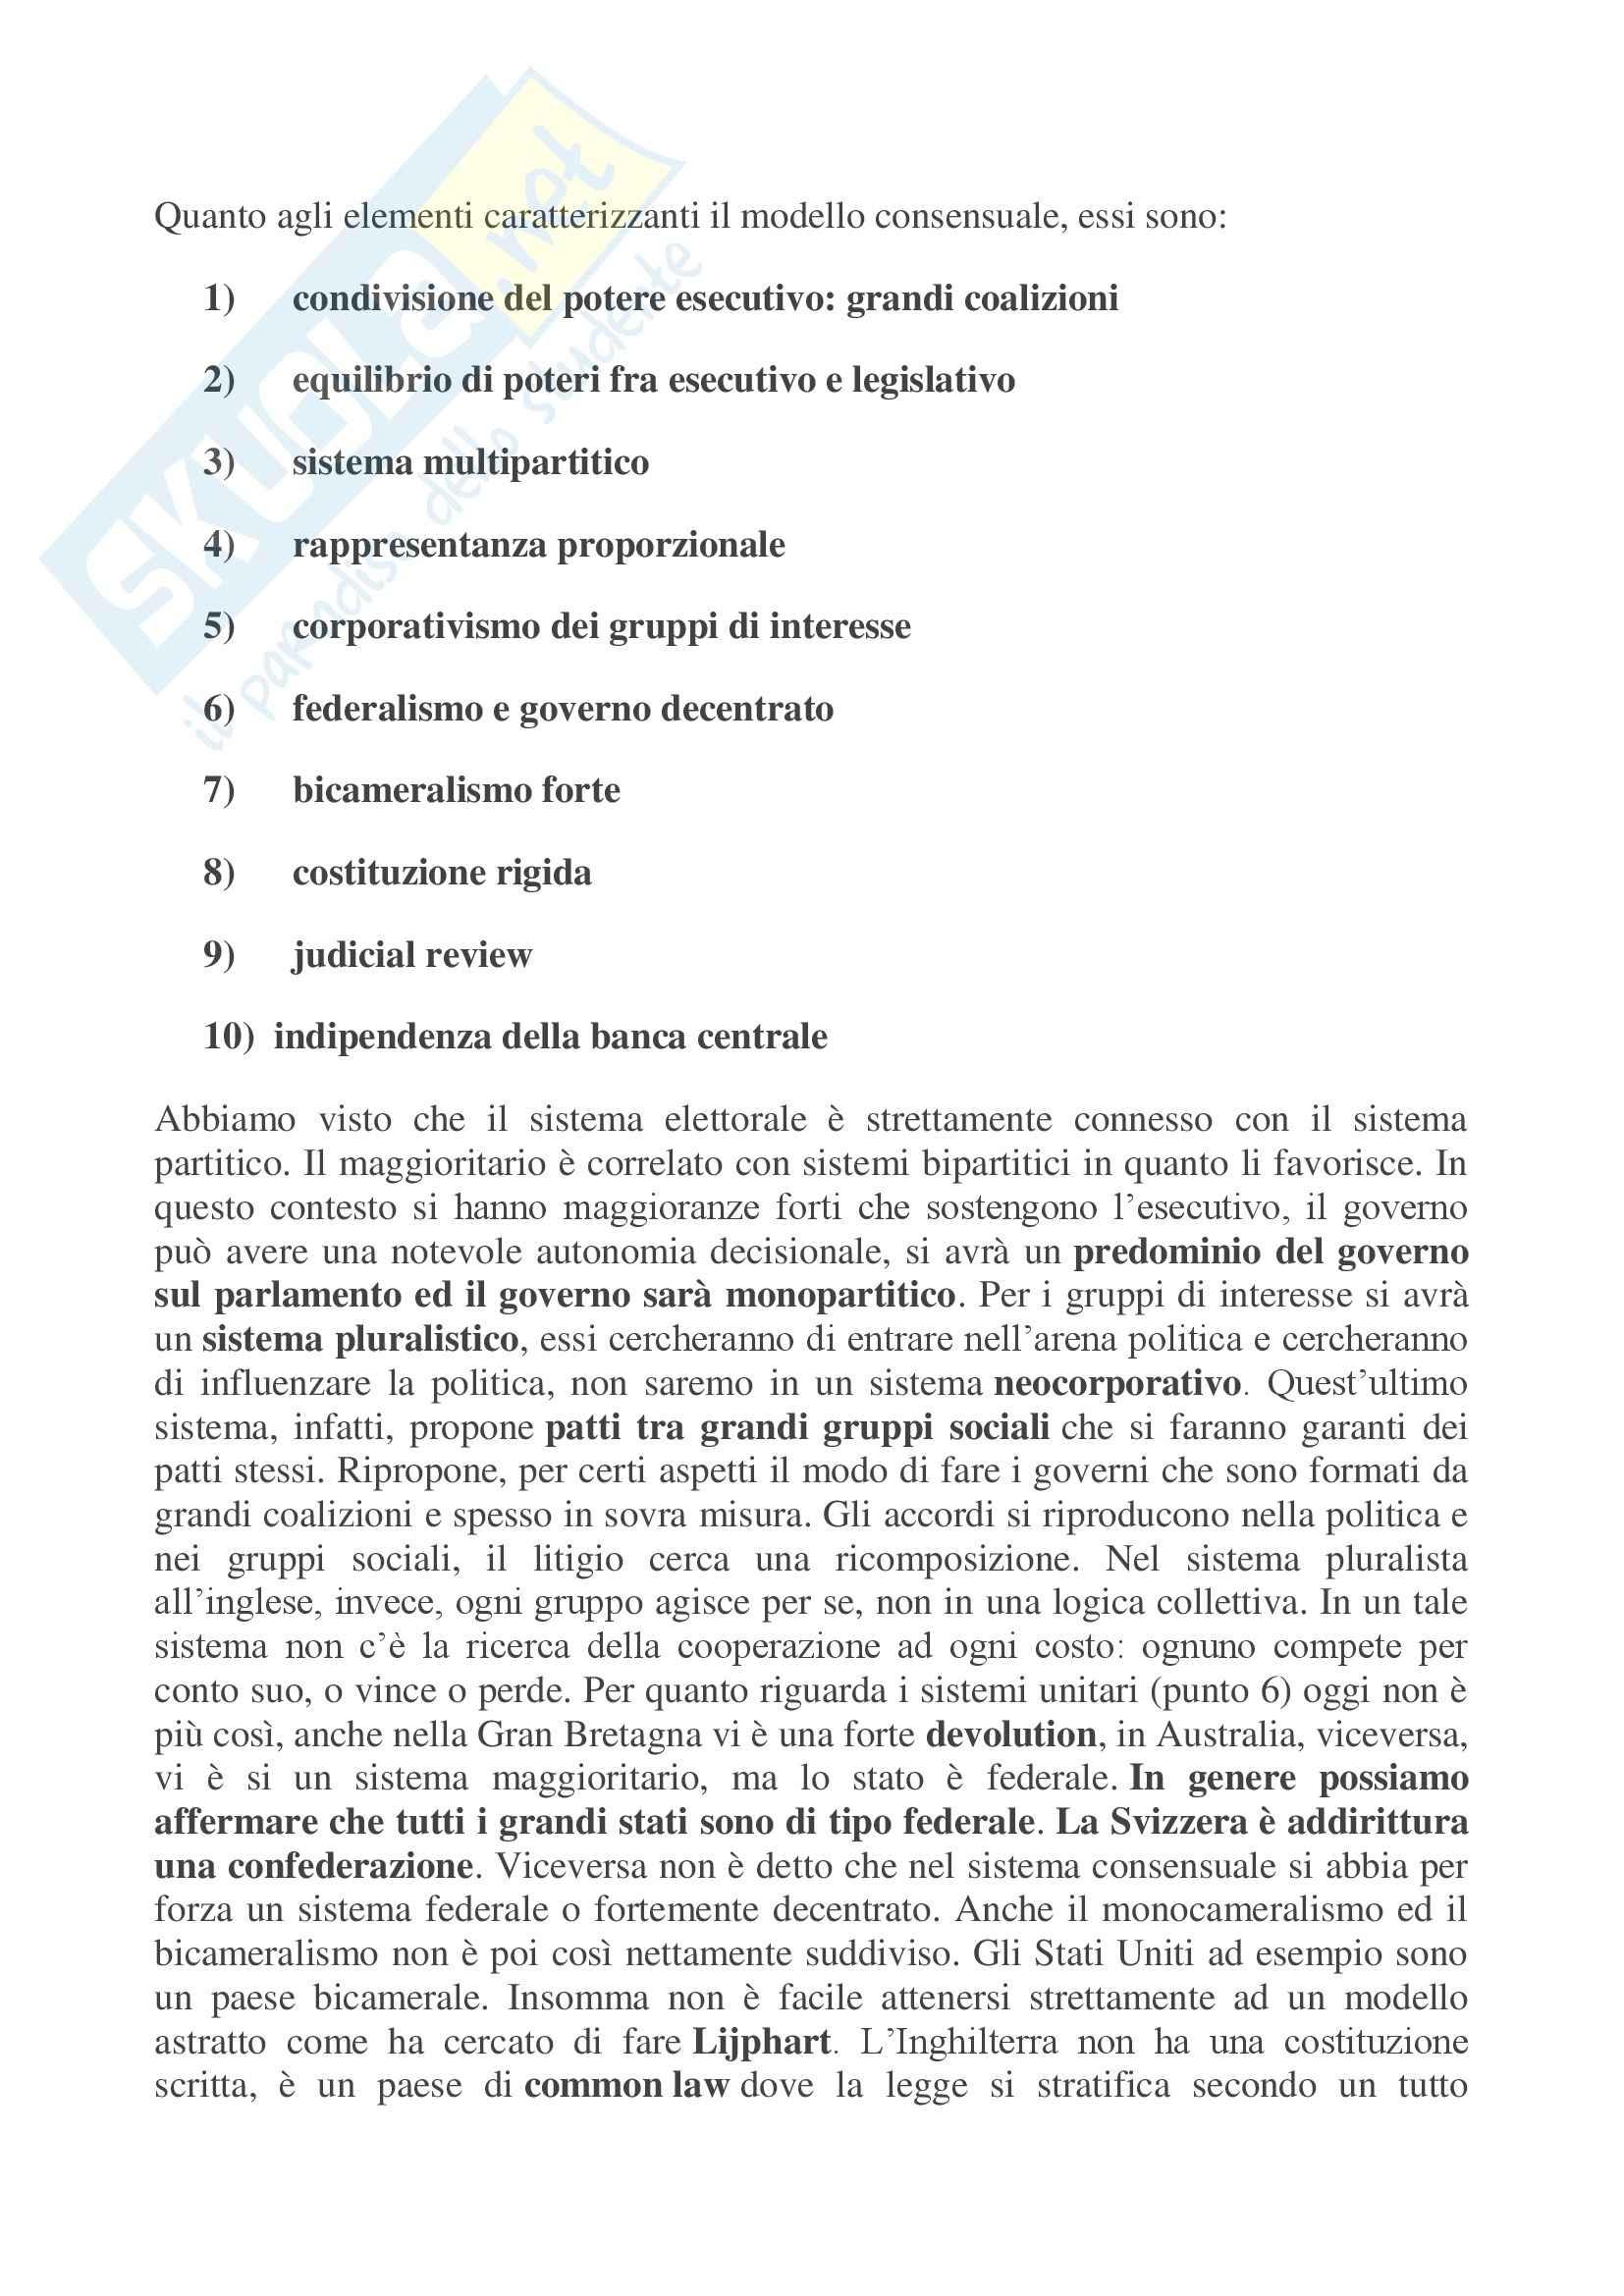 Scienza politica - i regimi democratici Pag. 11